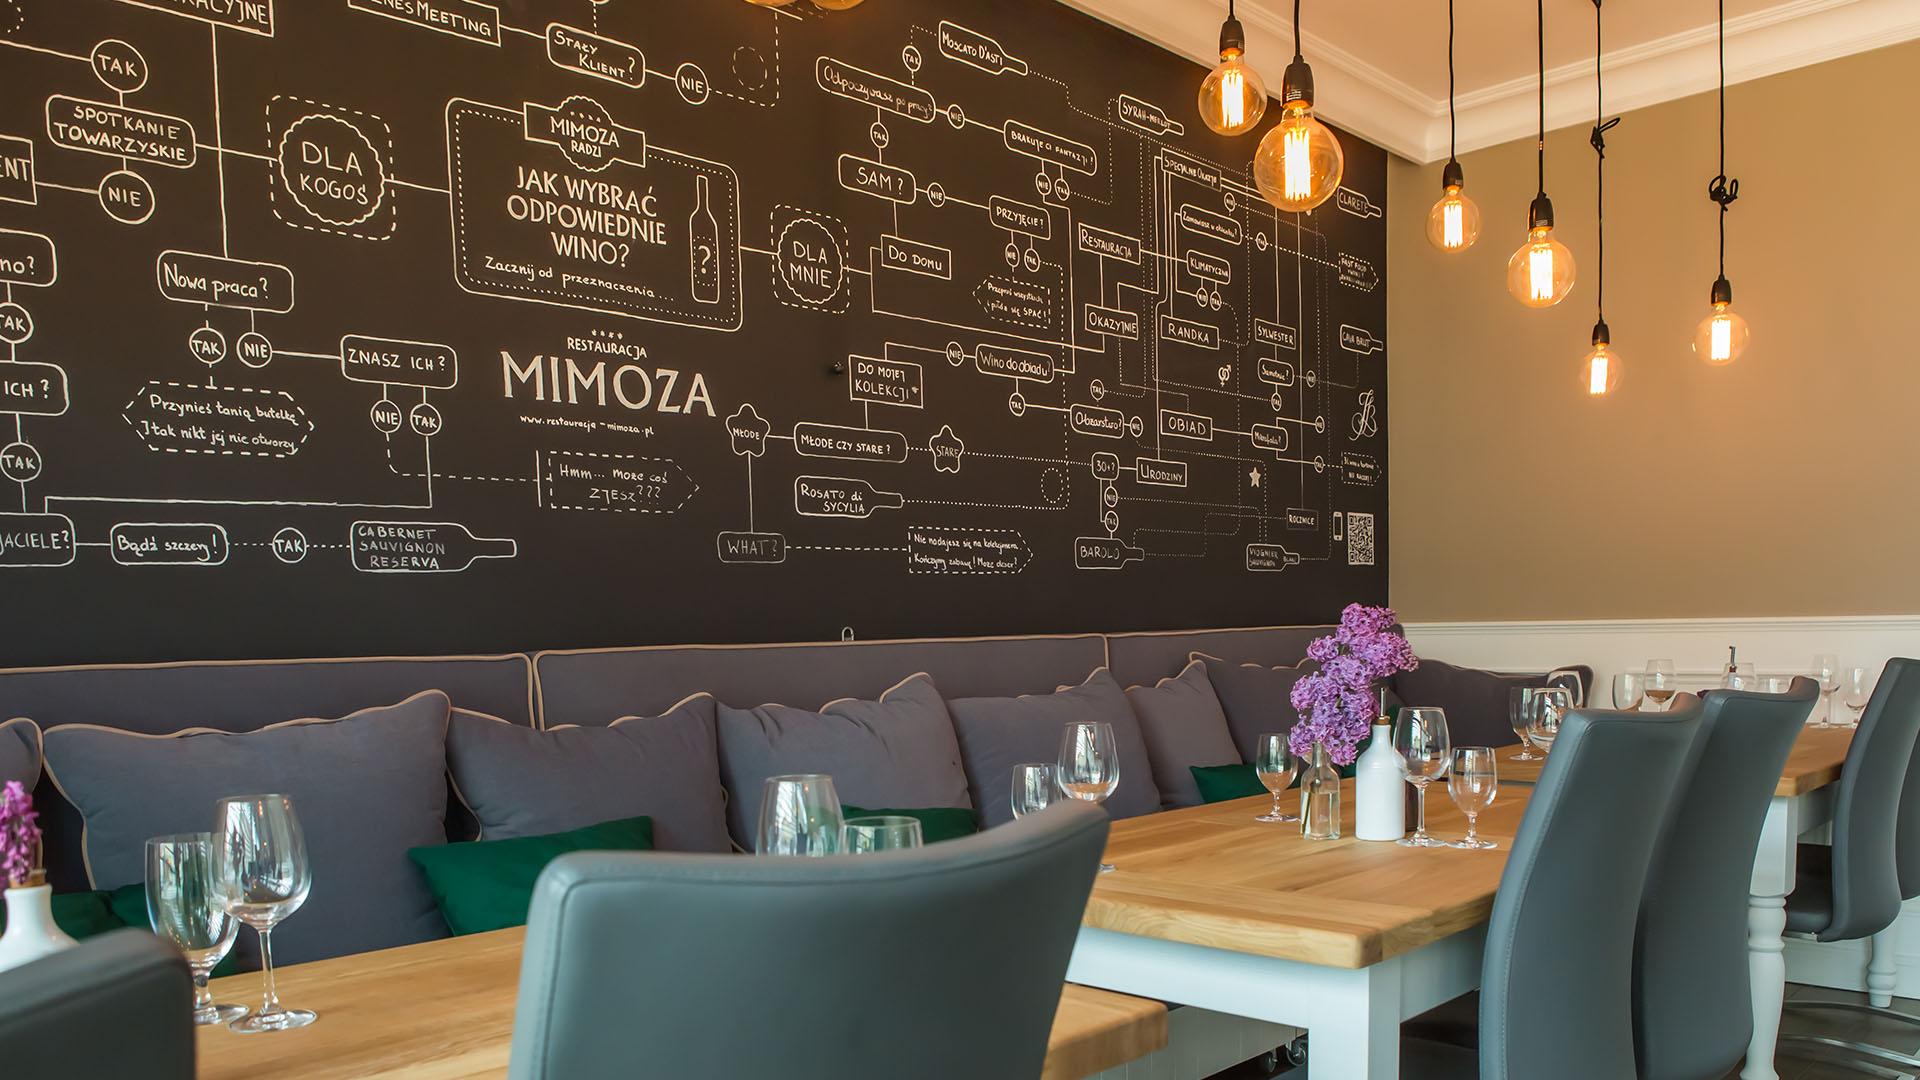 Wnętrze restauracji - wykonanie projektu architekt wnętrz Emilia Strzempek Plasun.